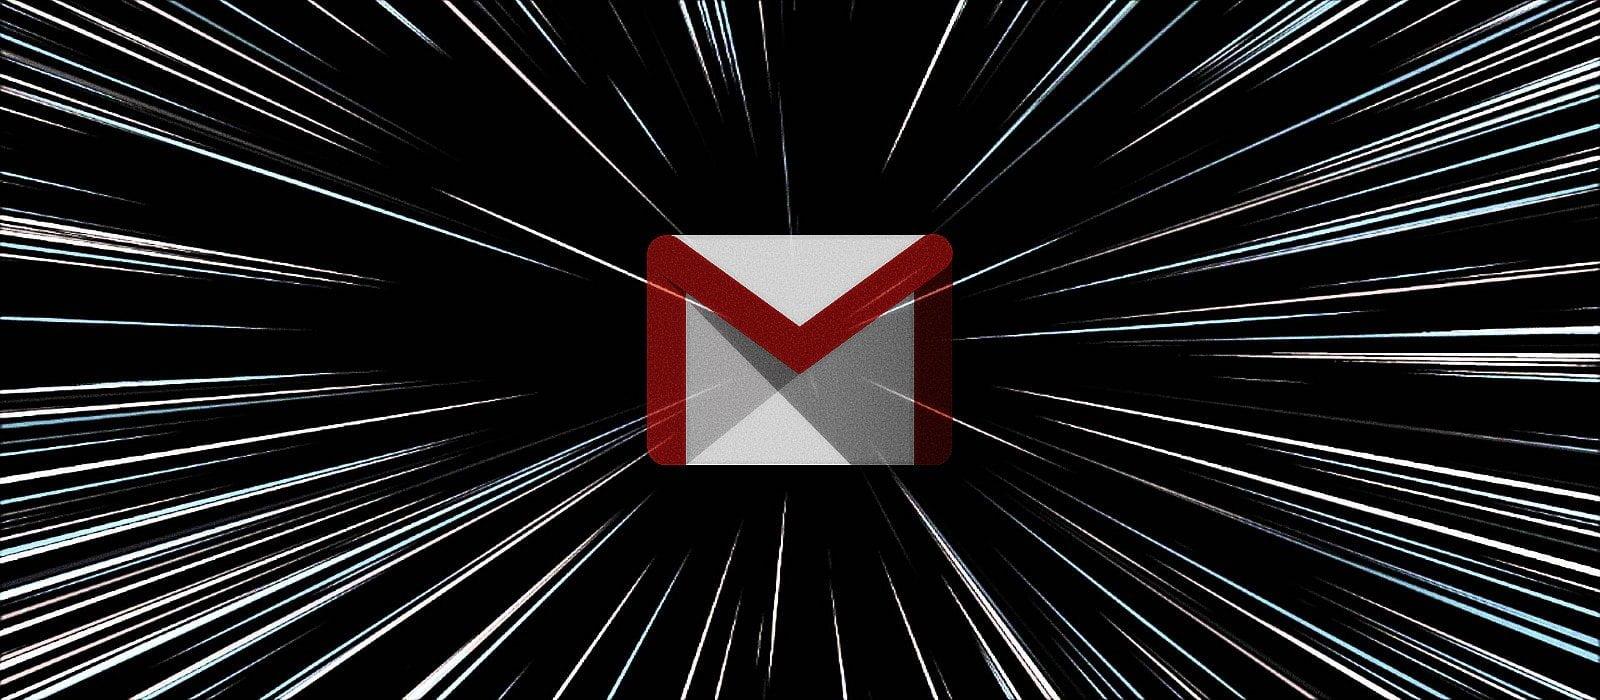 Google corrigiu o bug do Gmail que permite que invasores enviem e-mails falsos